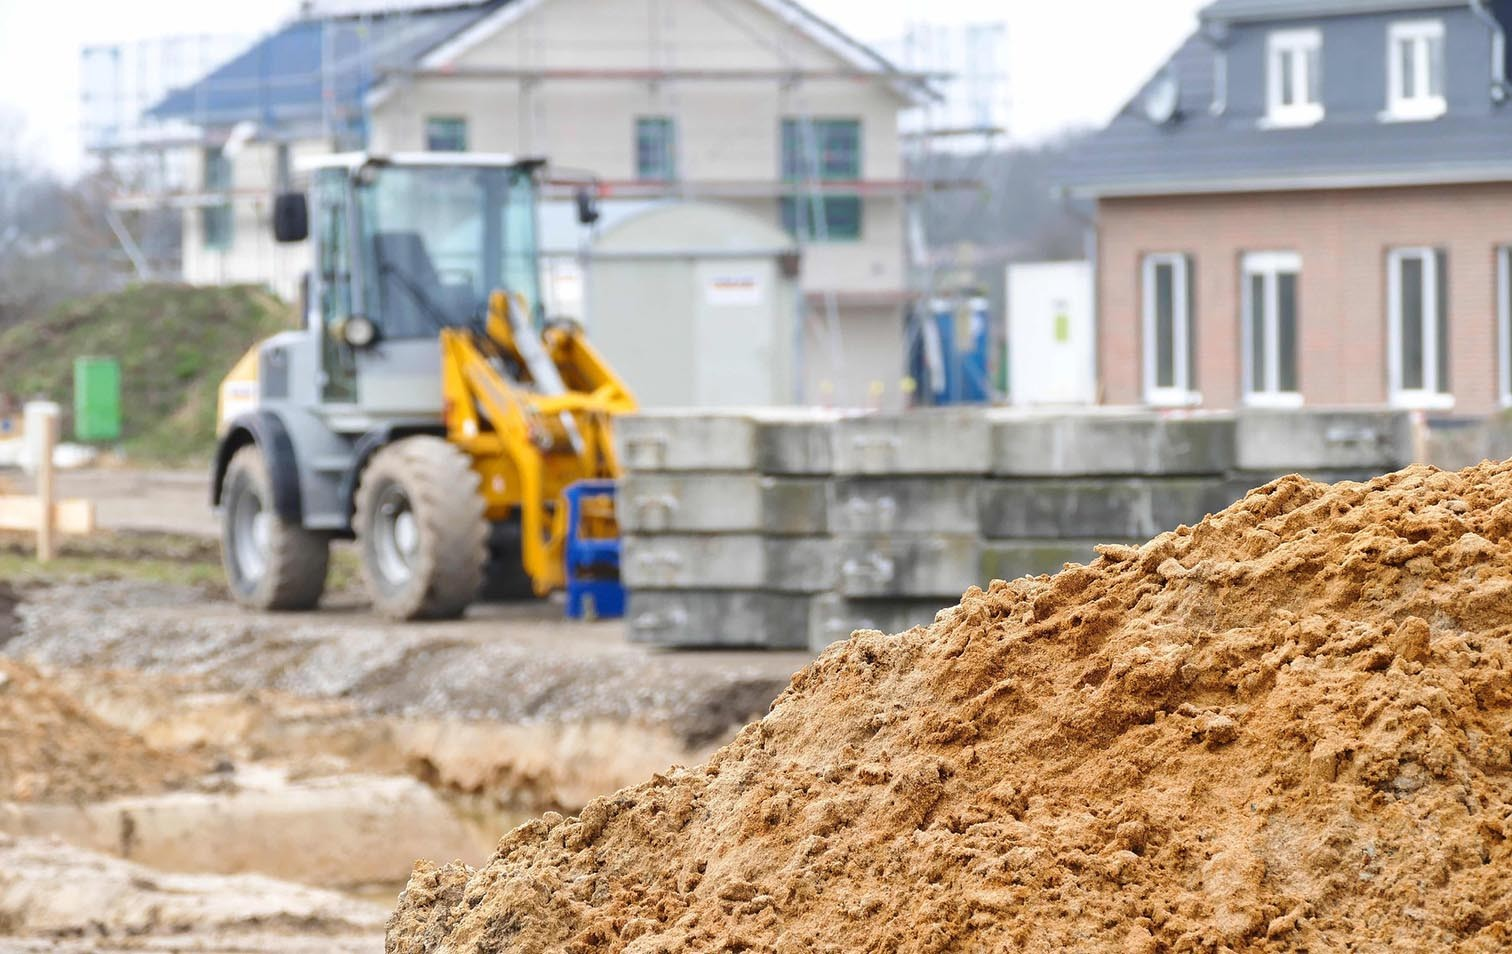 Baustelle für ein Einfamilienhaus